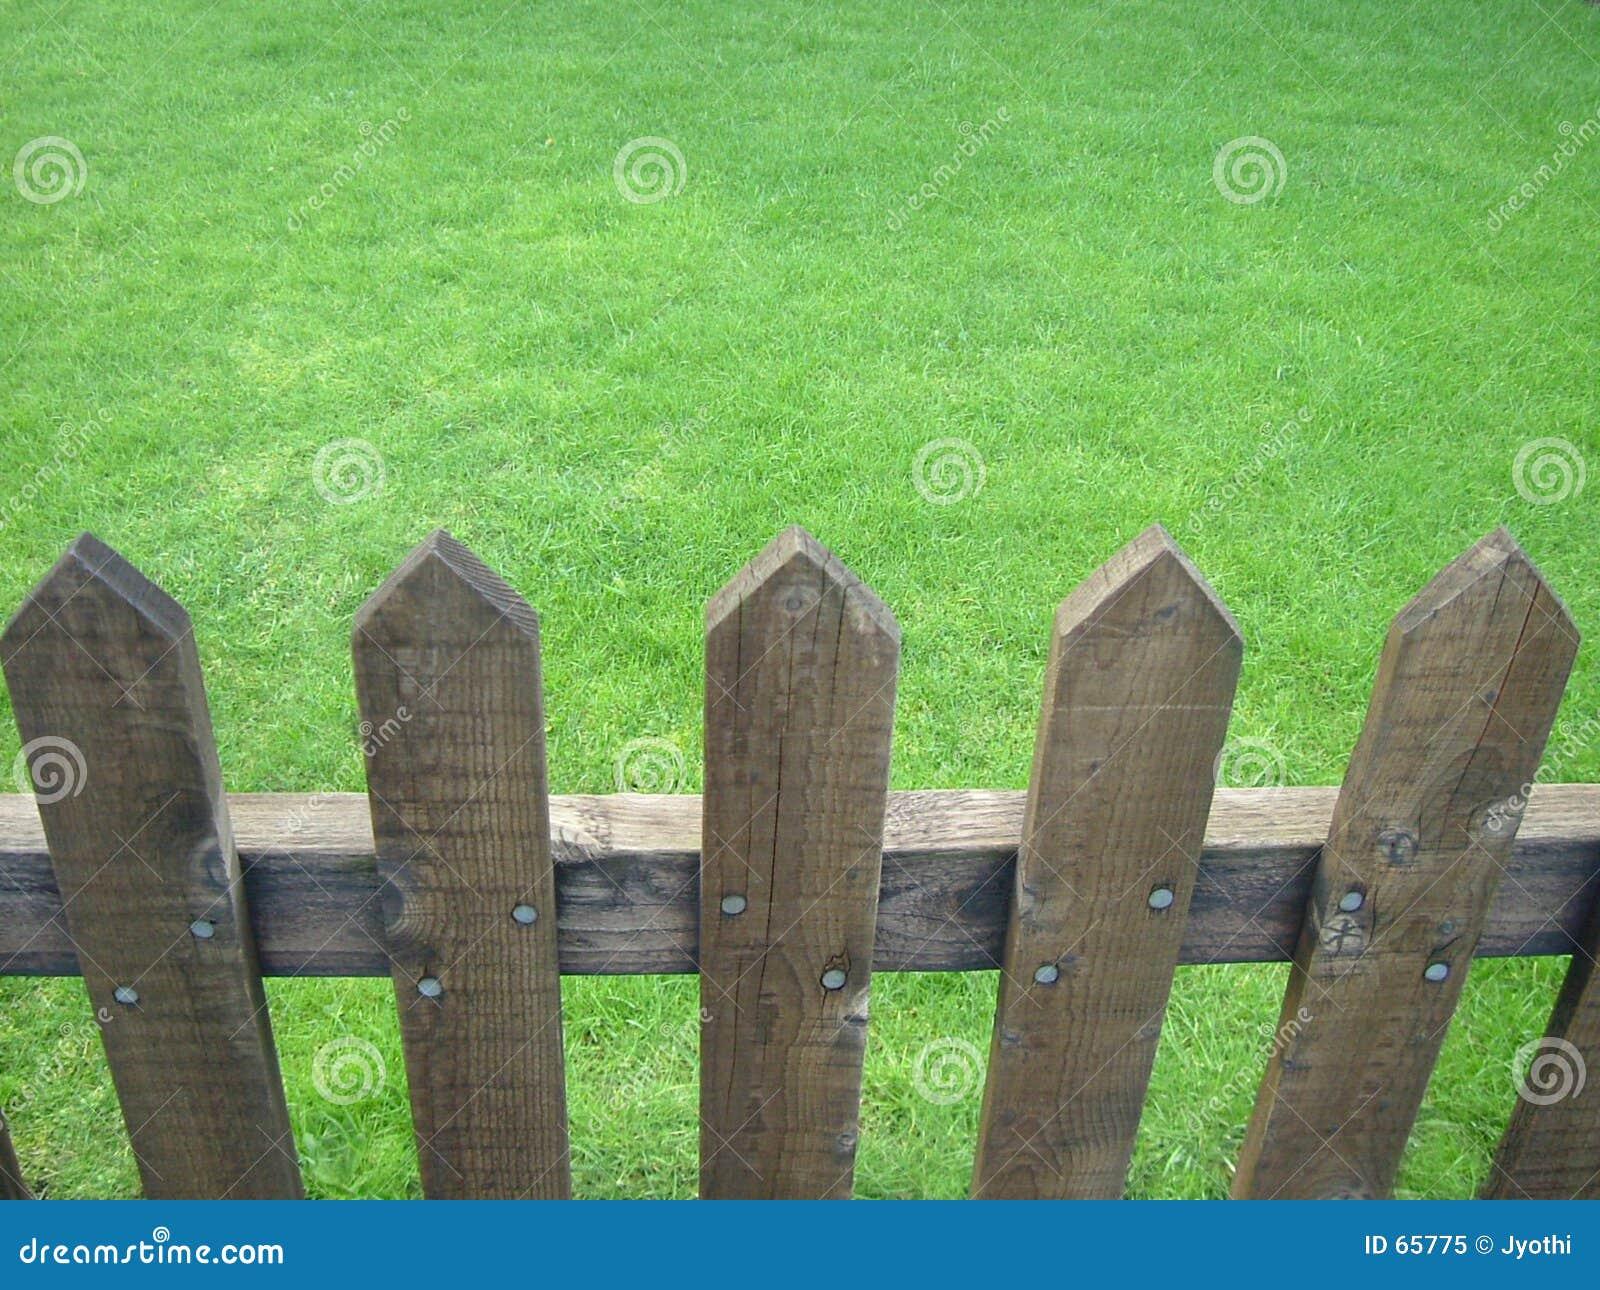 Fenced lawn